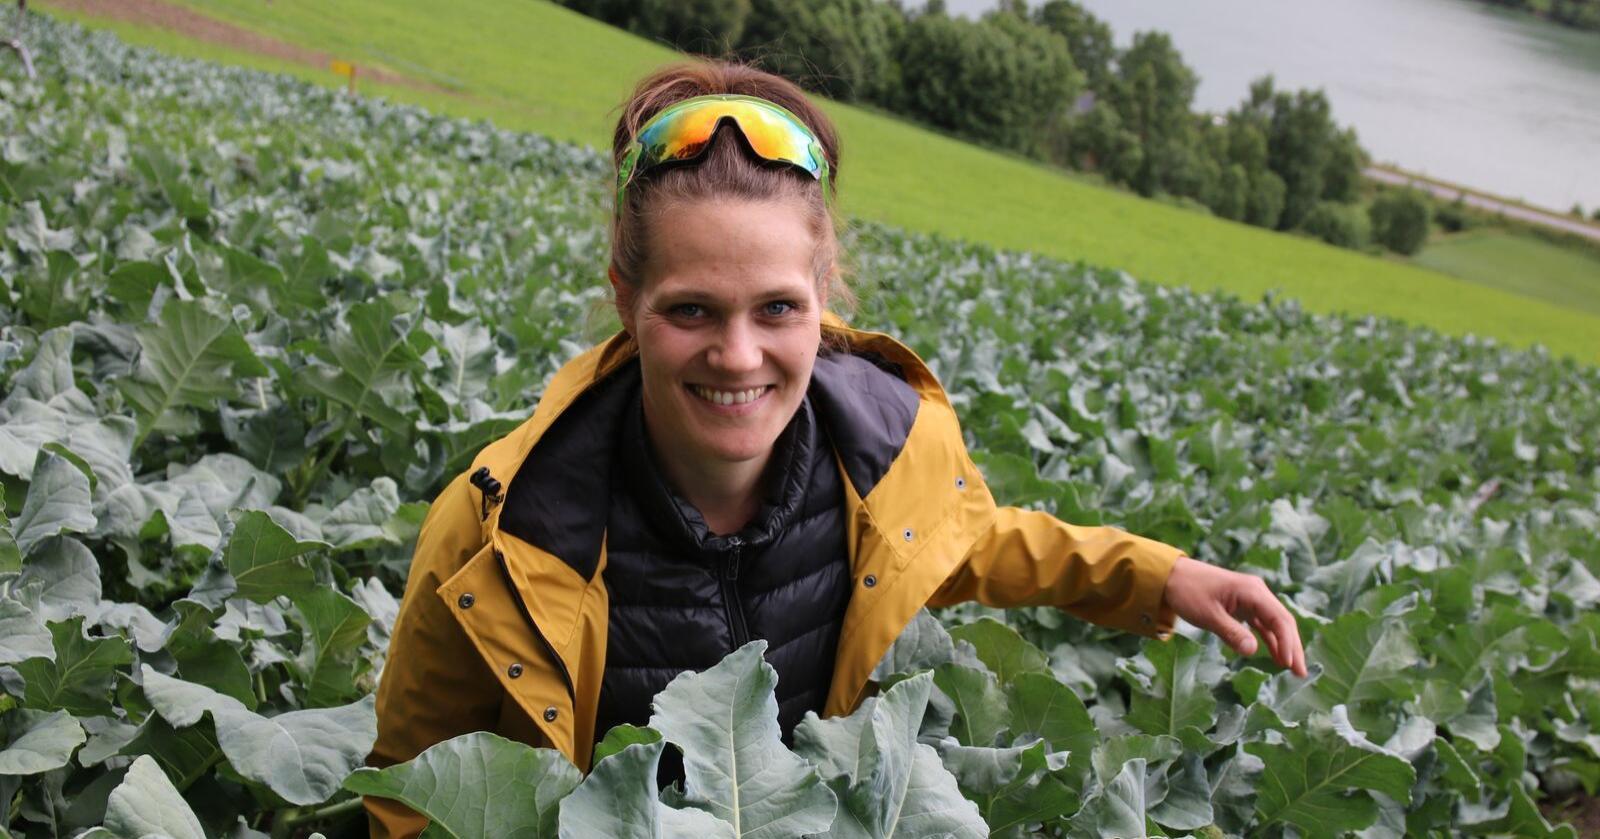 Lokale grønnsaker: Ida Gillebo dyrker grønnsaker for lokalmarkedet, og med jorder som ligger solvendt med Gudbrandsdalslågen nedenfor ligger forholdene godt til rette. Foto: Lars Olav Haug